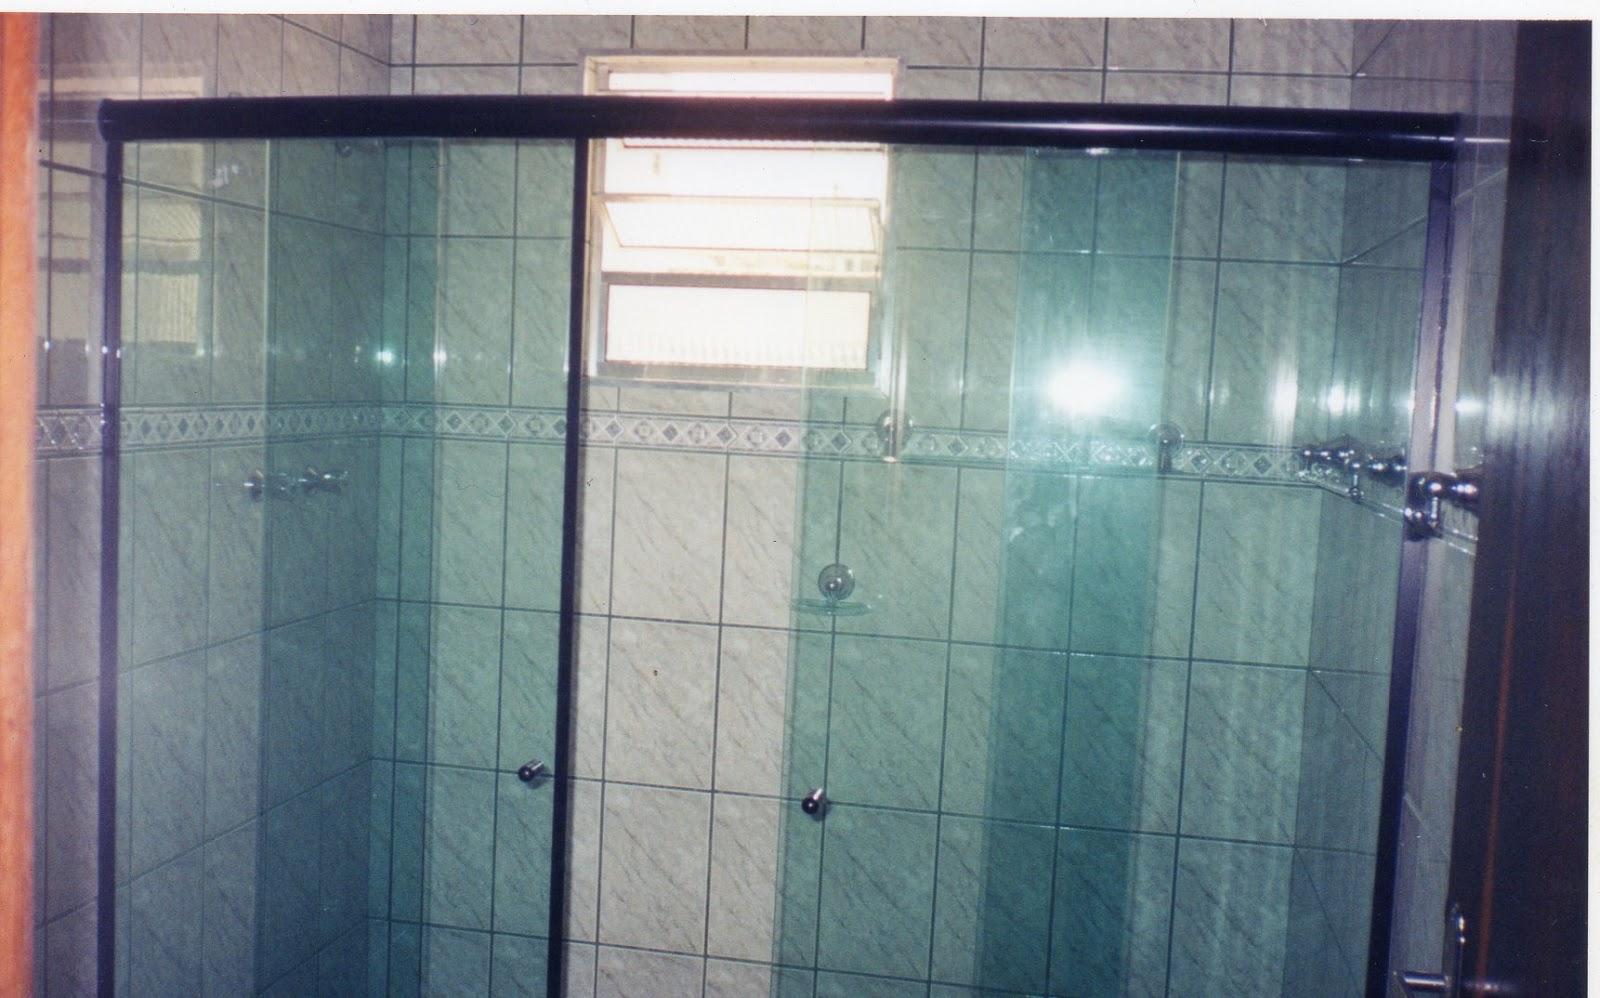 #8B5040 MR.ESQUADRIAS: BOX TEMPERADO VARIAS CORES DE VIDRO E KIT 1238 Portas E Janelas De Vidro Zona Leste